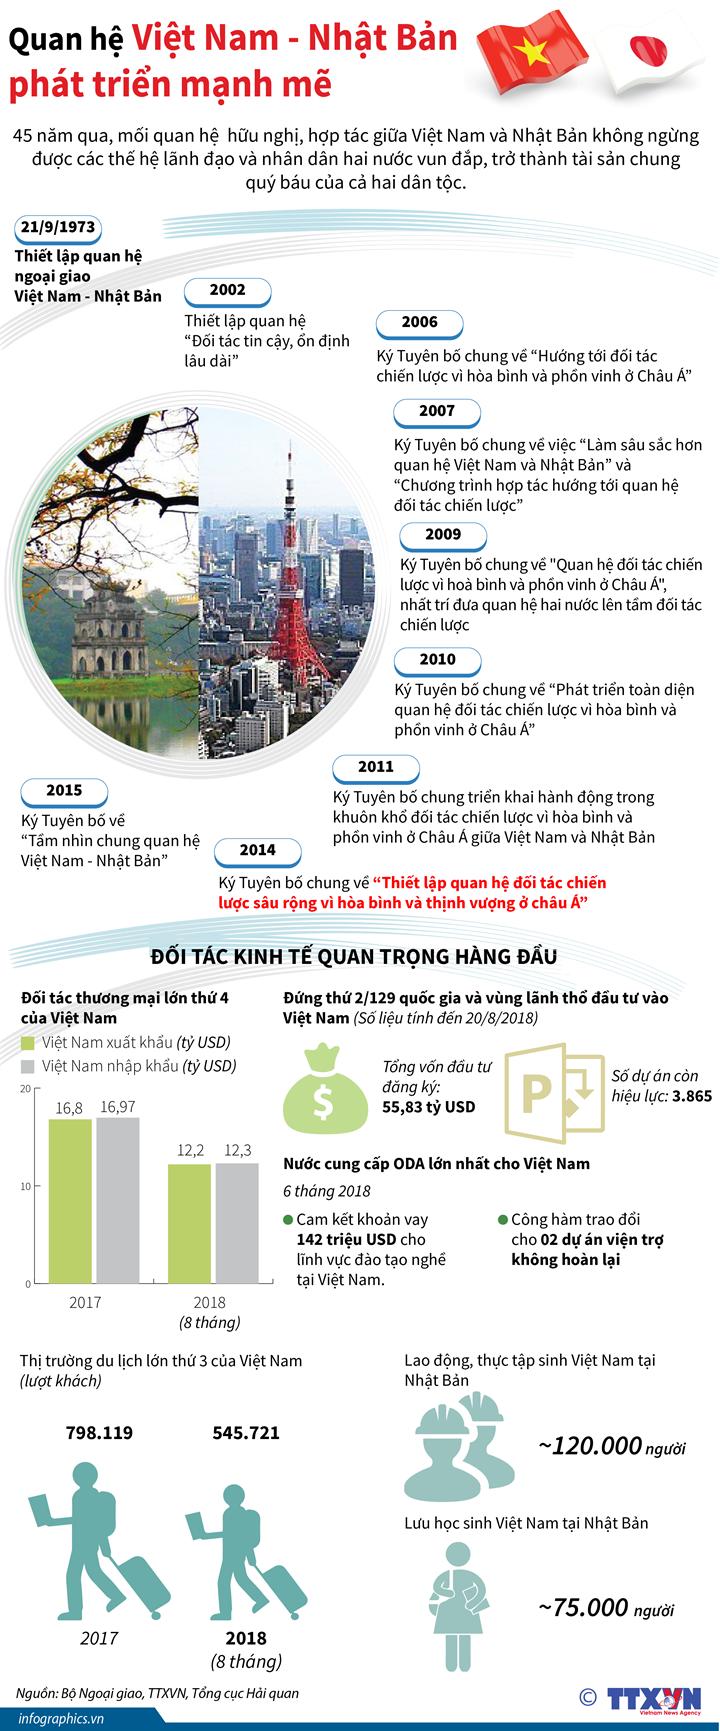 Quan hệ Việt Nam - Nhật Bản phát triển mạnh mẽ